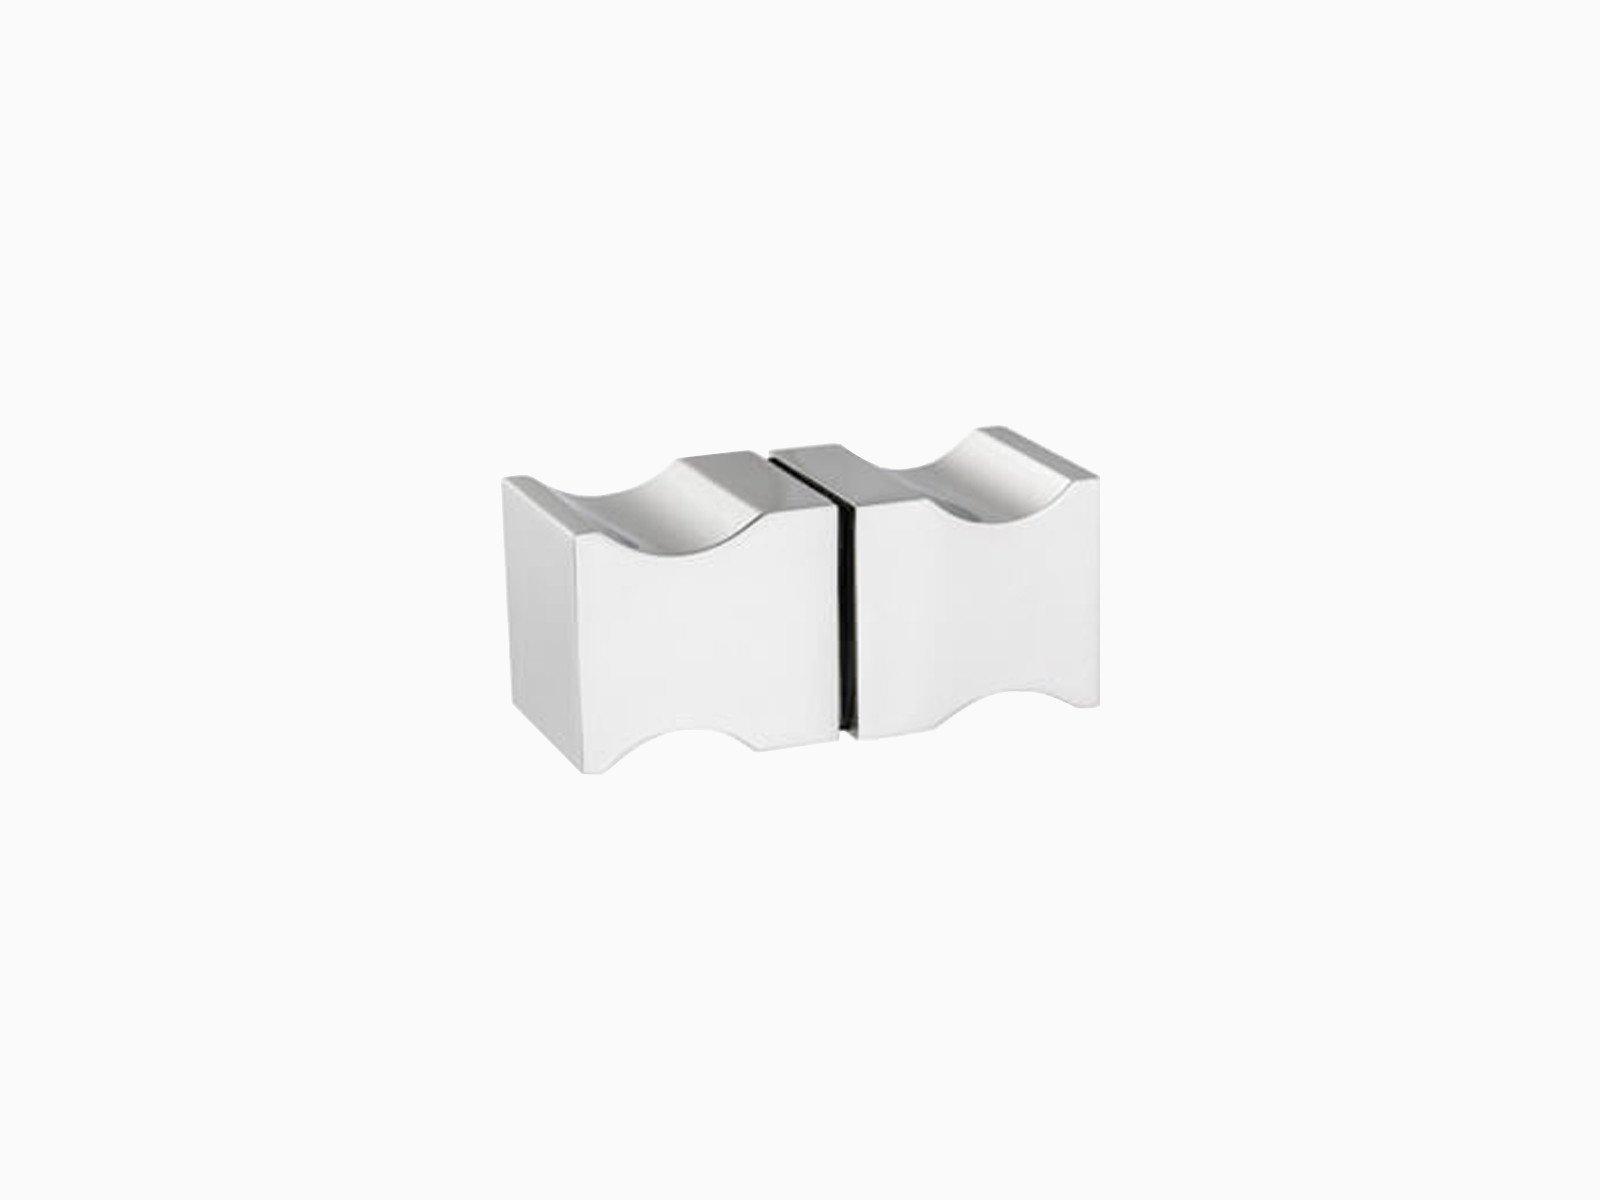 Beidseitiger Türgriff für Glas in quadratischer Form in hochglänzendem Edelstahl